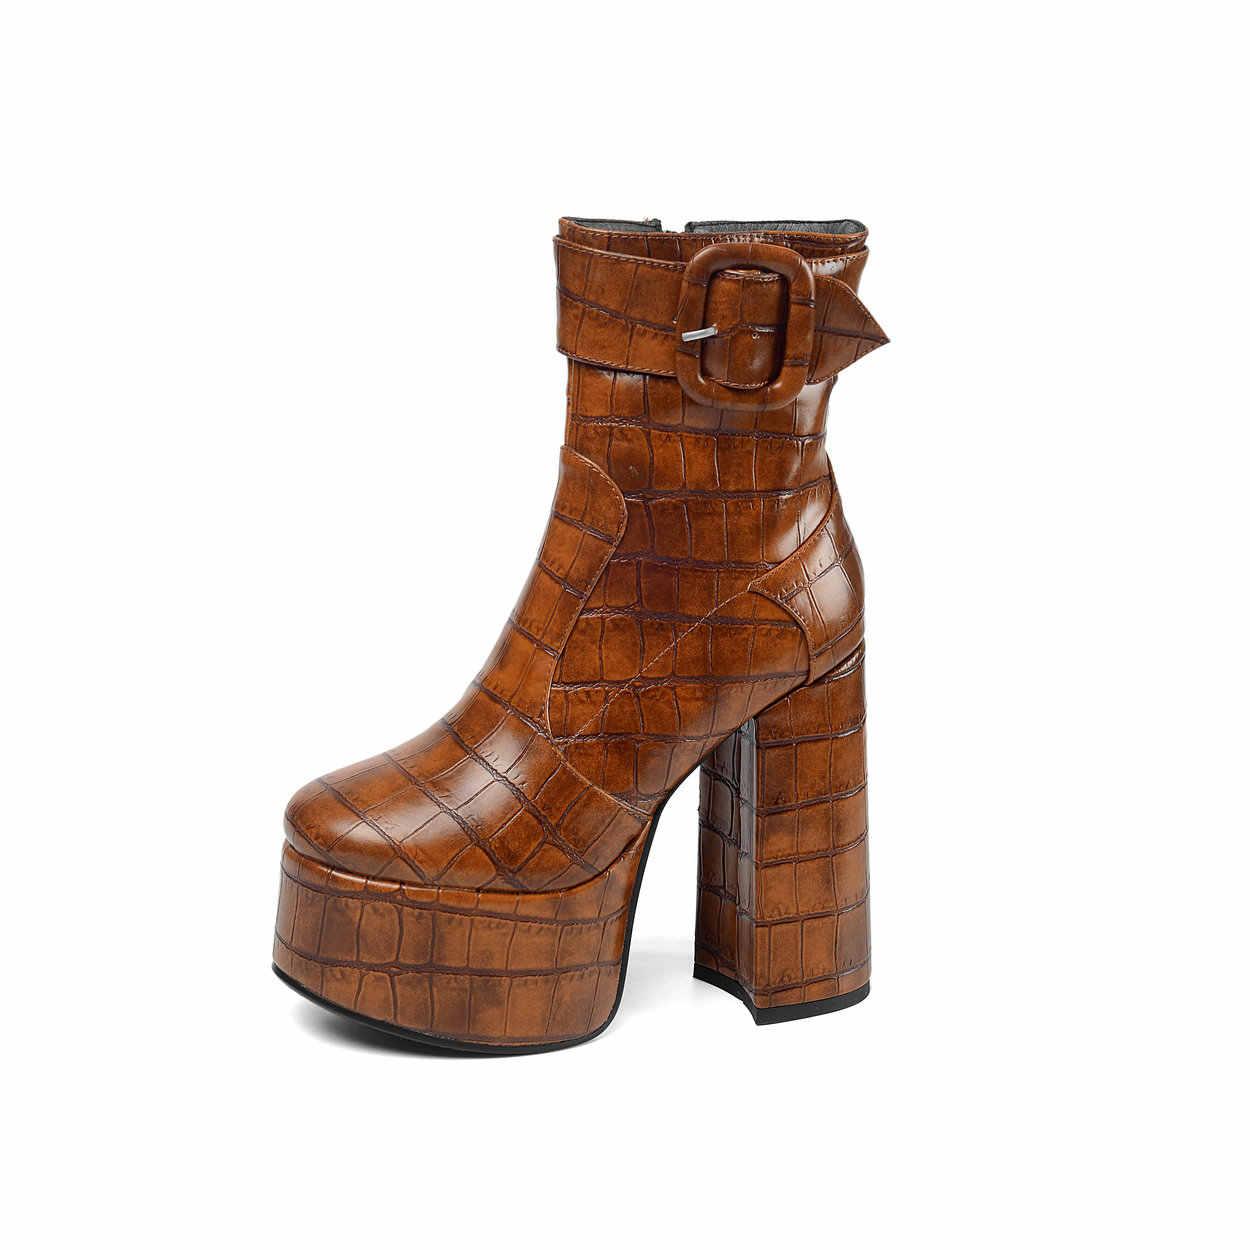 2019 vrouwen super hoge hakken laarzen koe lederen kleding schoenen vrouw platform lente herfst enkellaarsjes vrouw grote maat 41 42 43